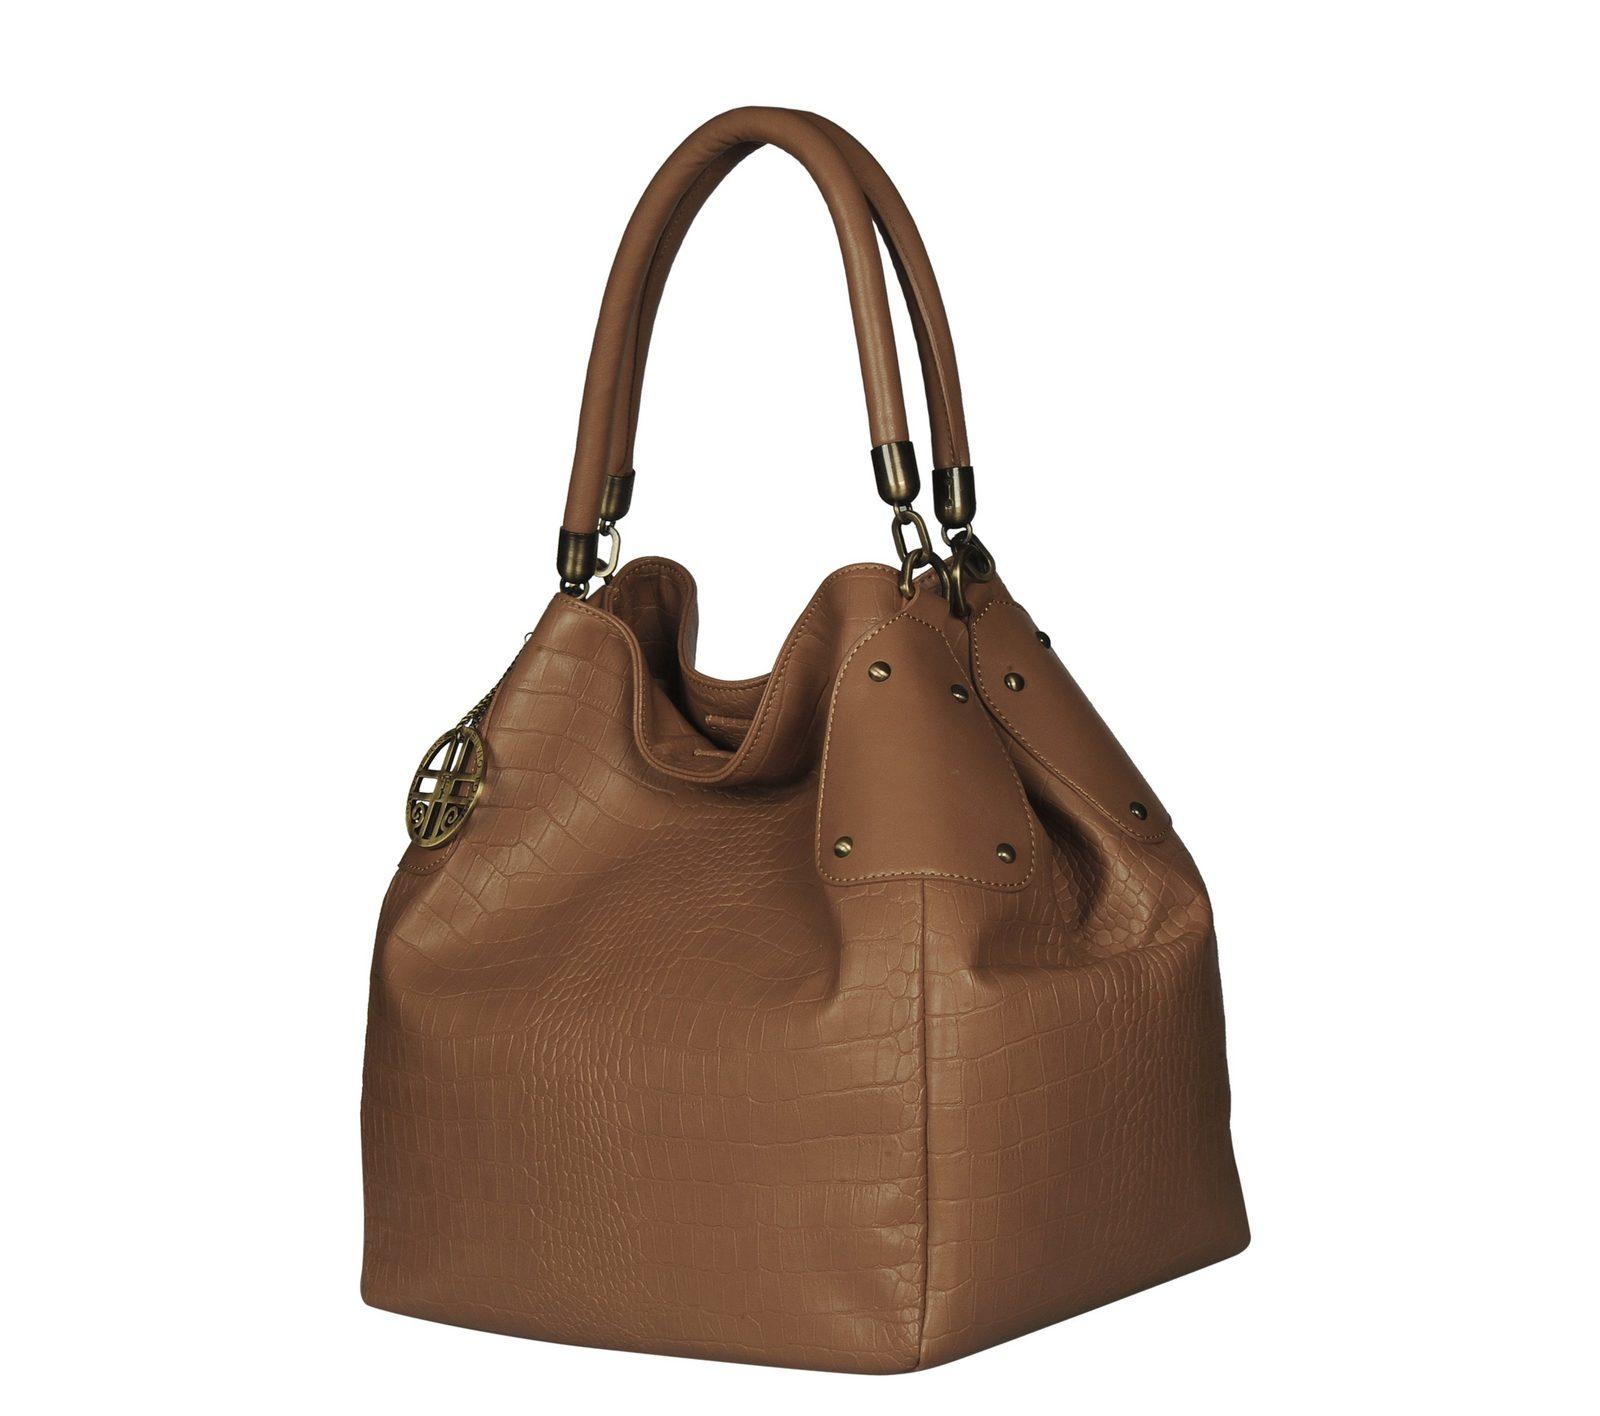 Silvio Tossi Handtasche im Krokodil-Design jetztbilligerkaufen